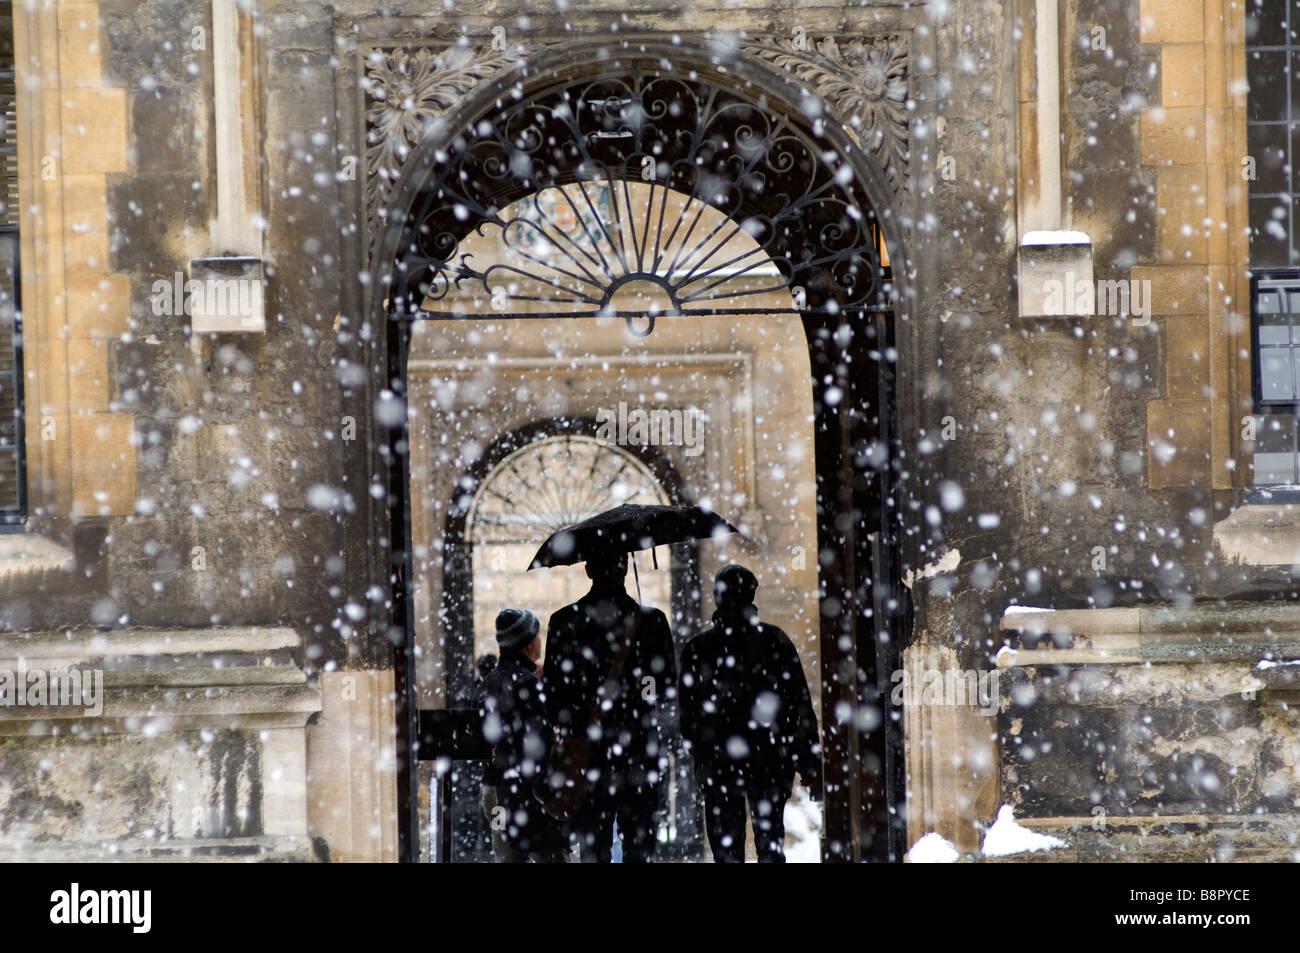 La Bibliothèque Bodlean dans une tempête de neige à l'Université d'Oxford Photo Stock